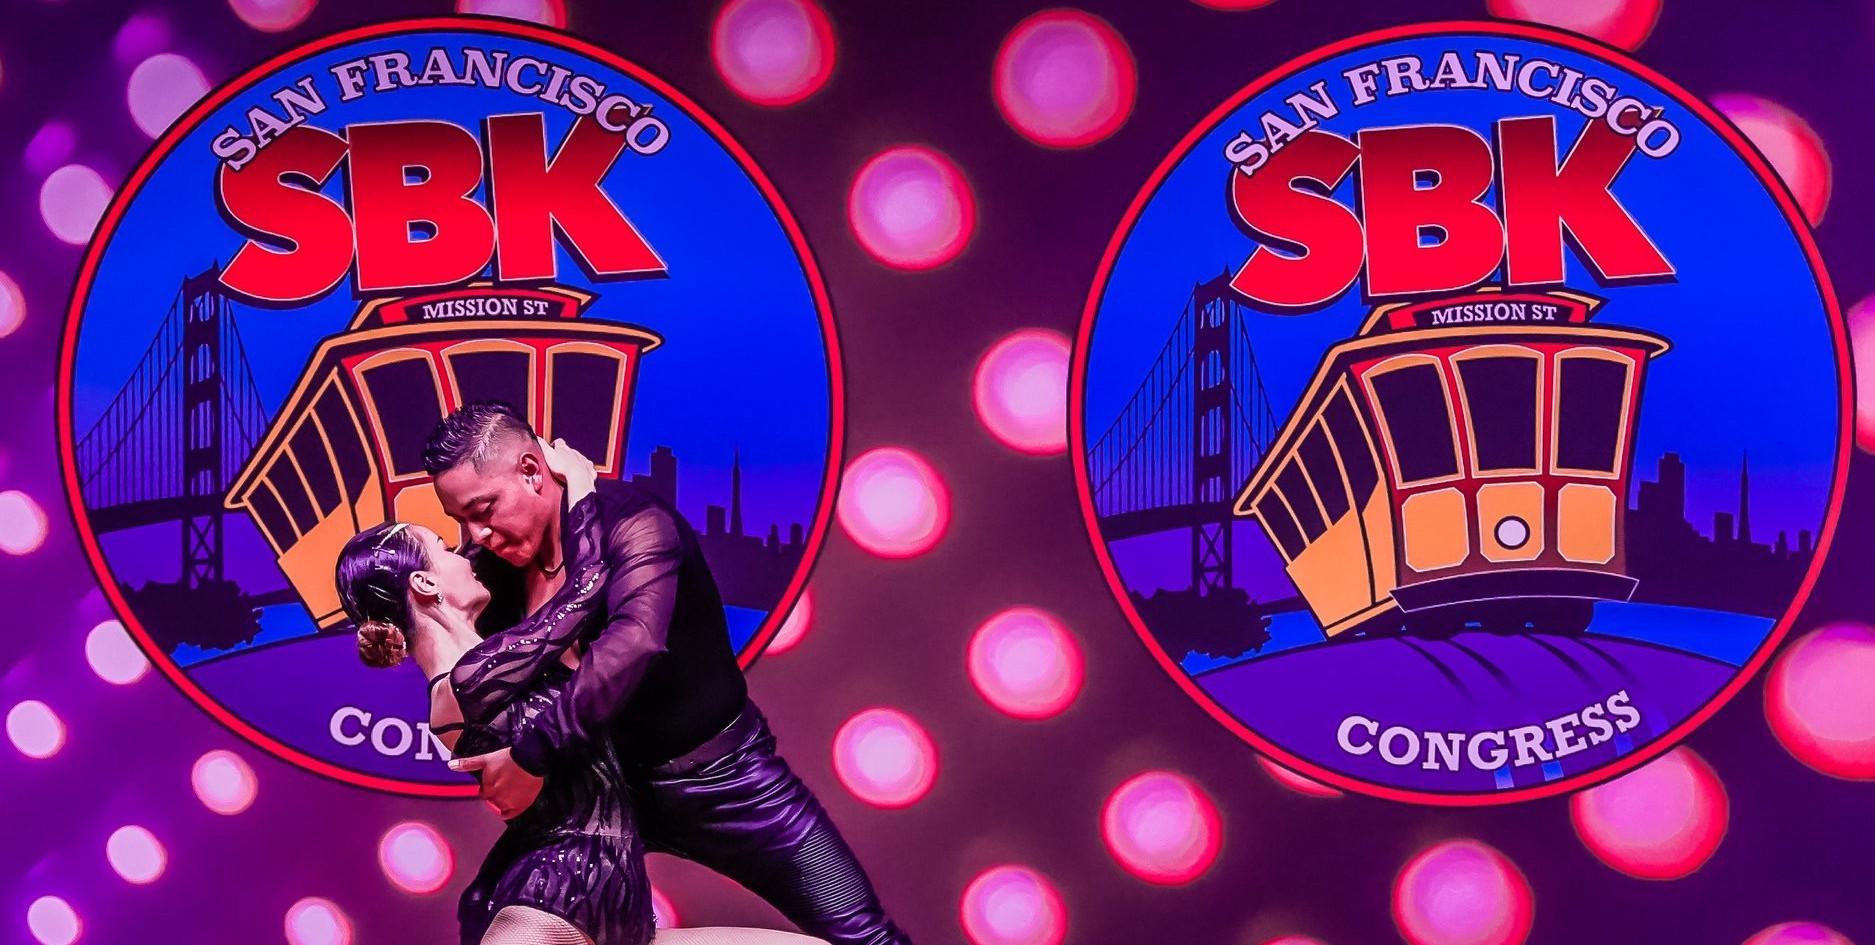 SF SBK Congress 2019